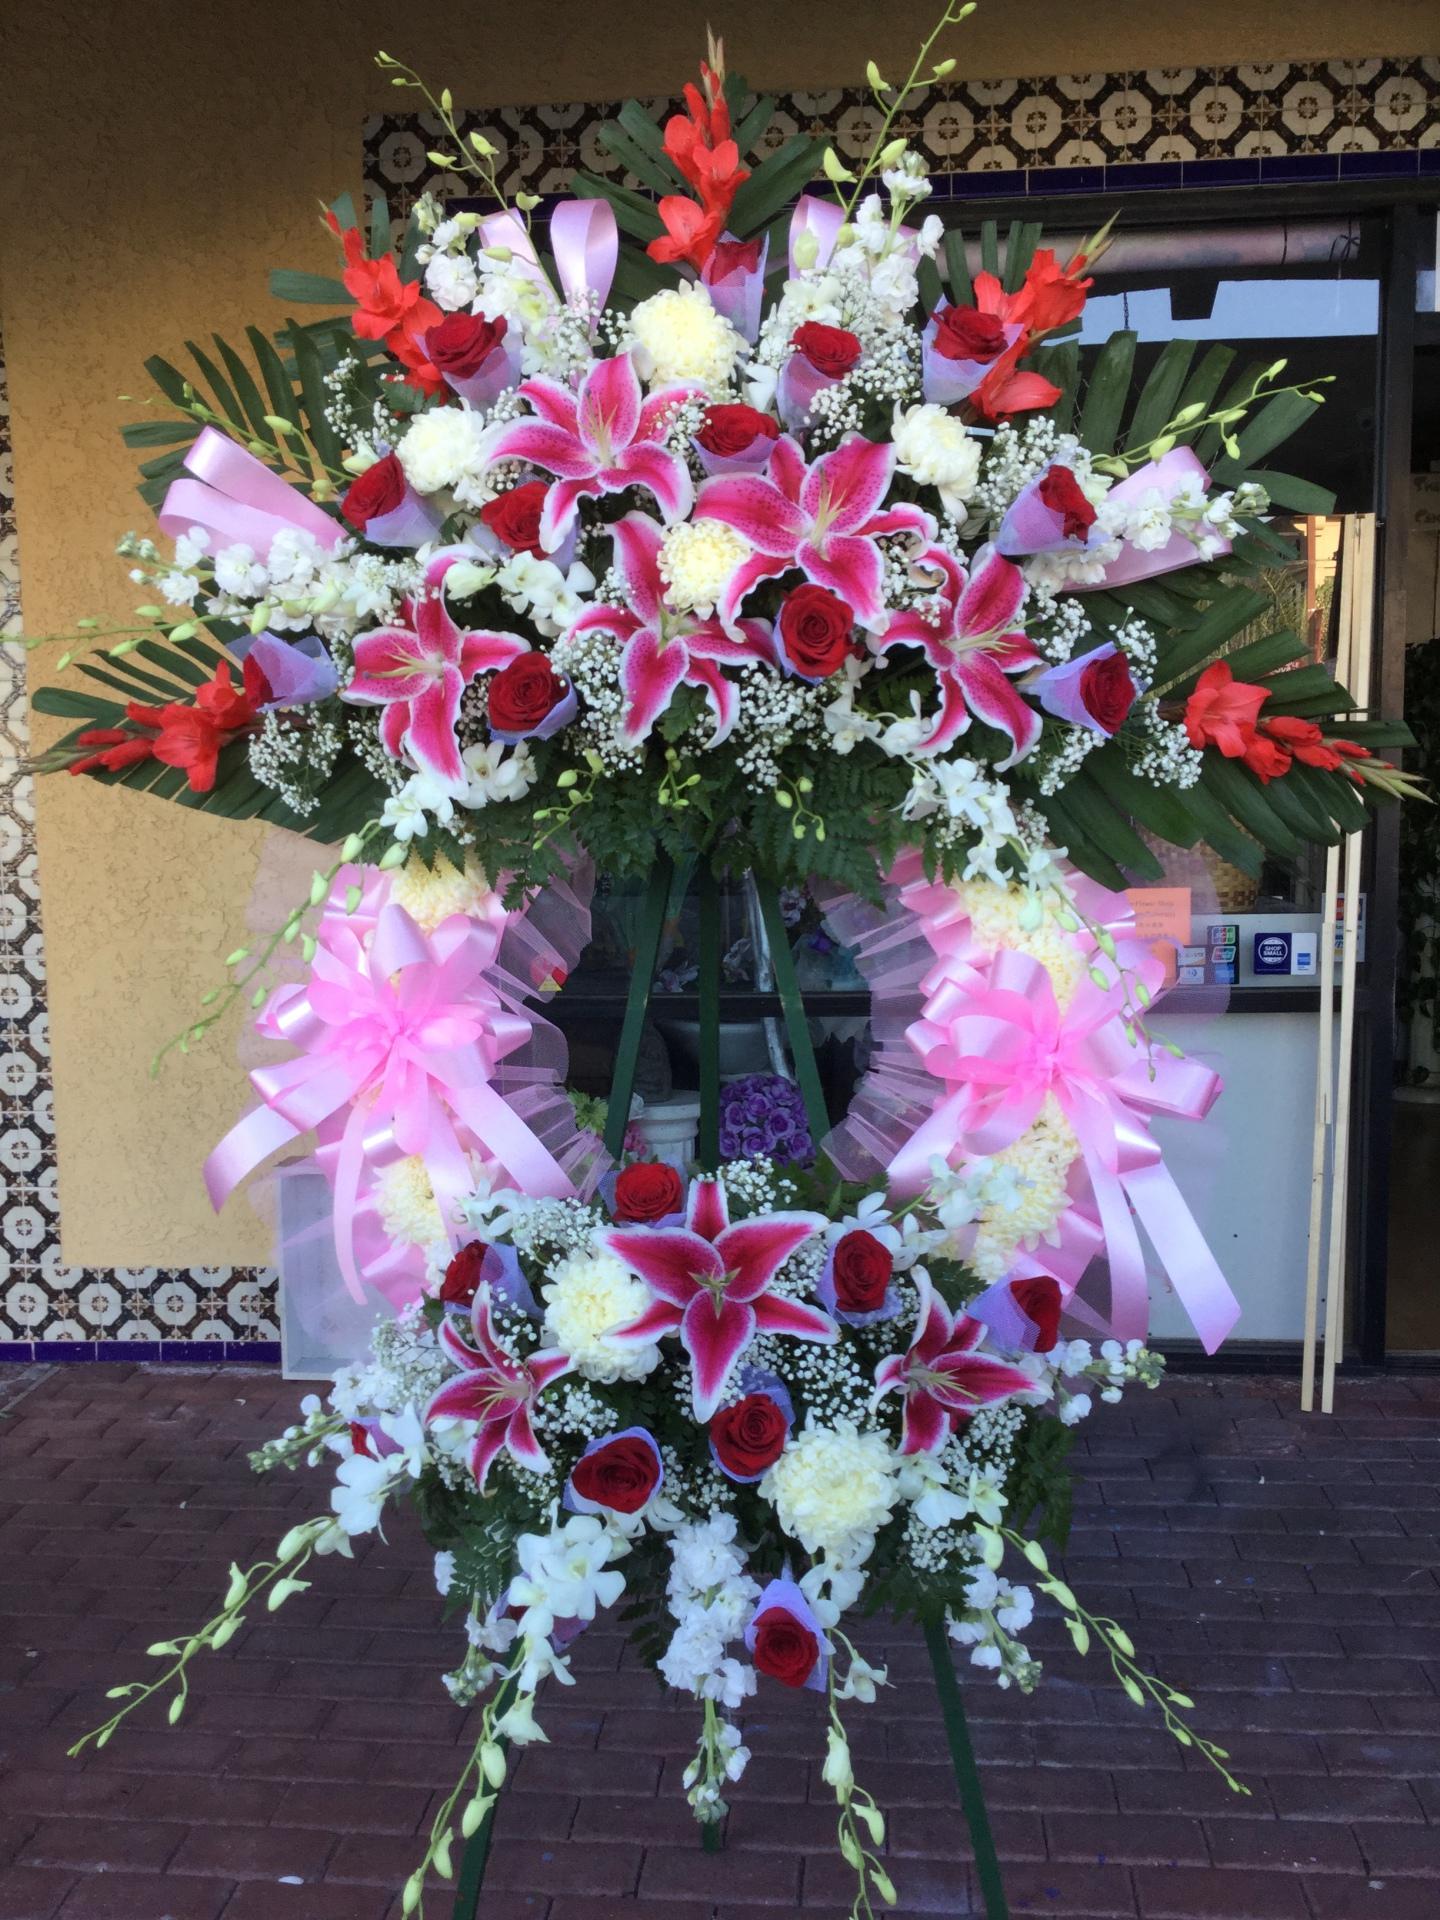 Funeral Wreath - Premium